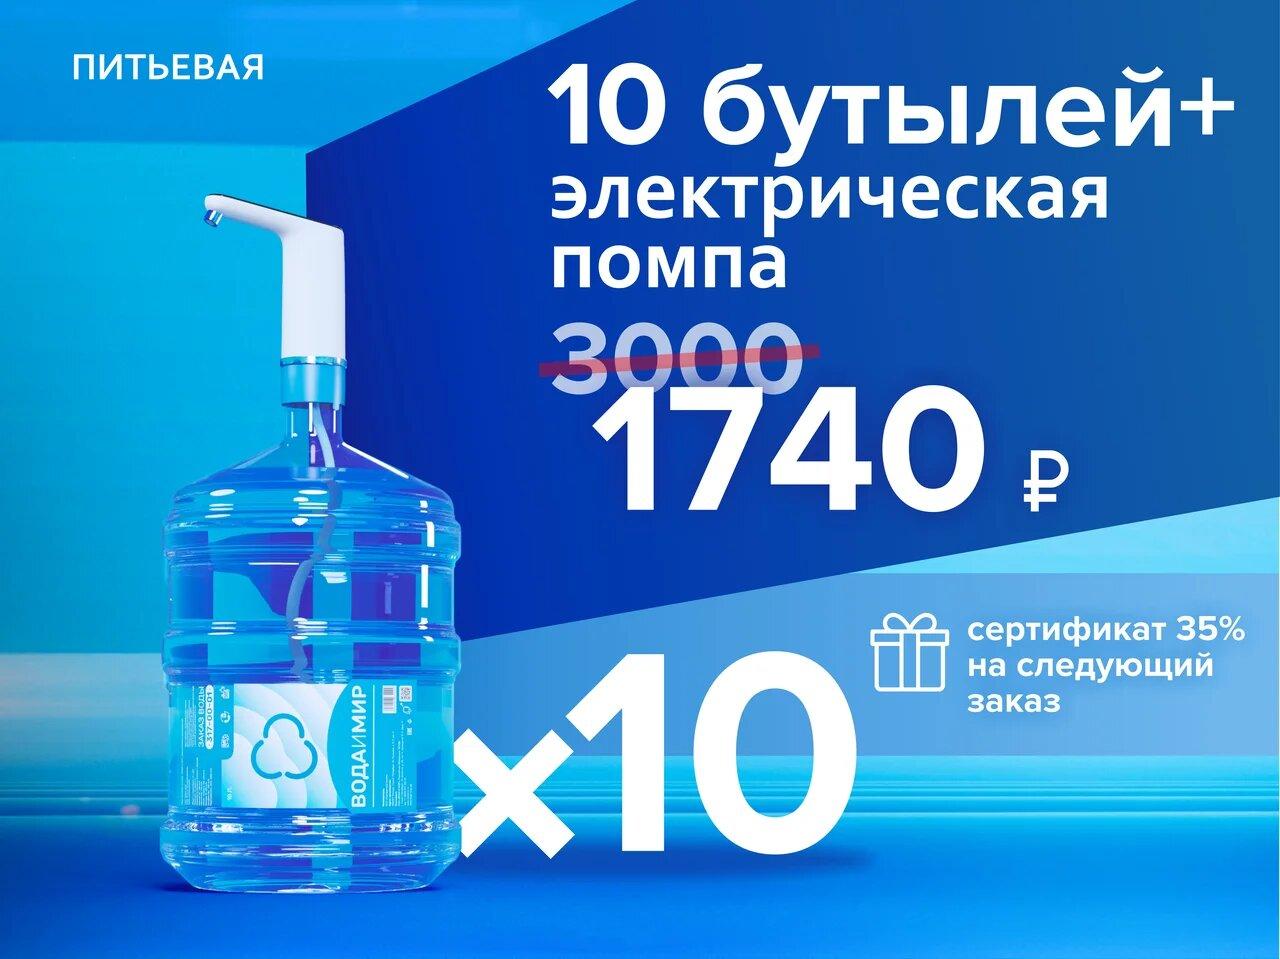 Питьевая вода электр. помпа х10